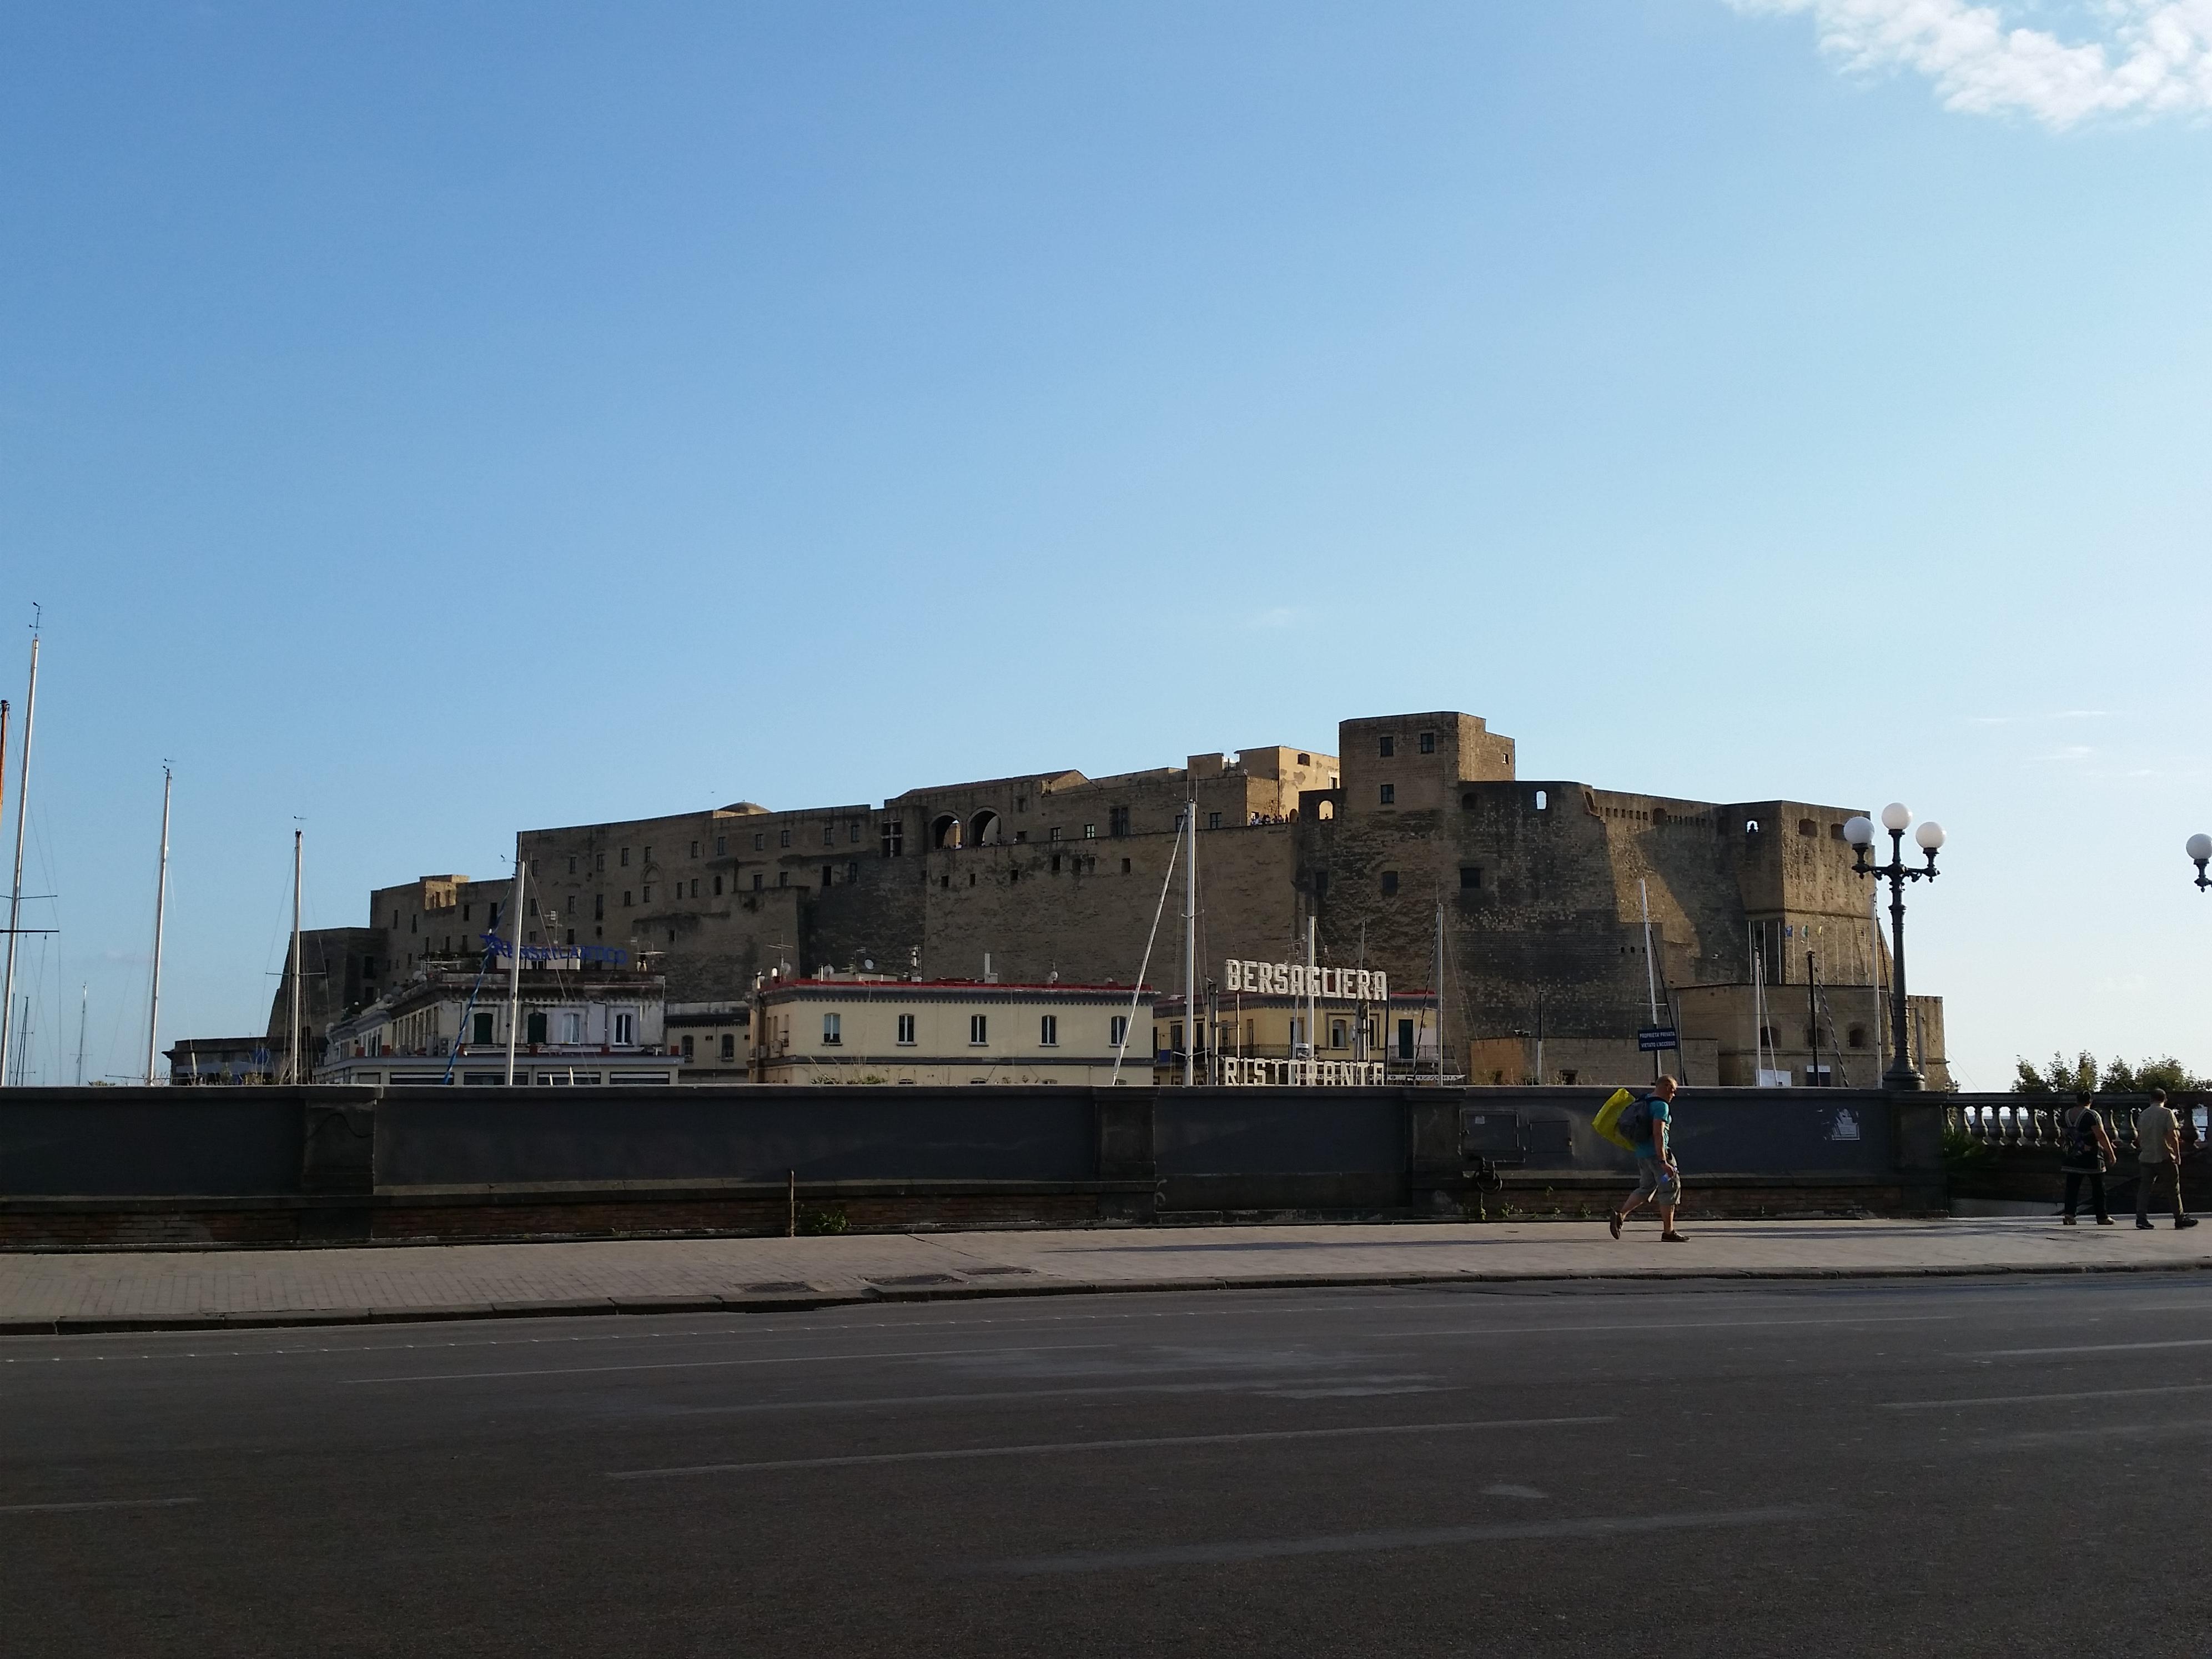 イタリア一人旅:ナポリを見てから死ね Vedi Napoli, e poi muori.